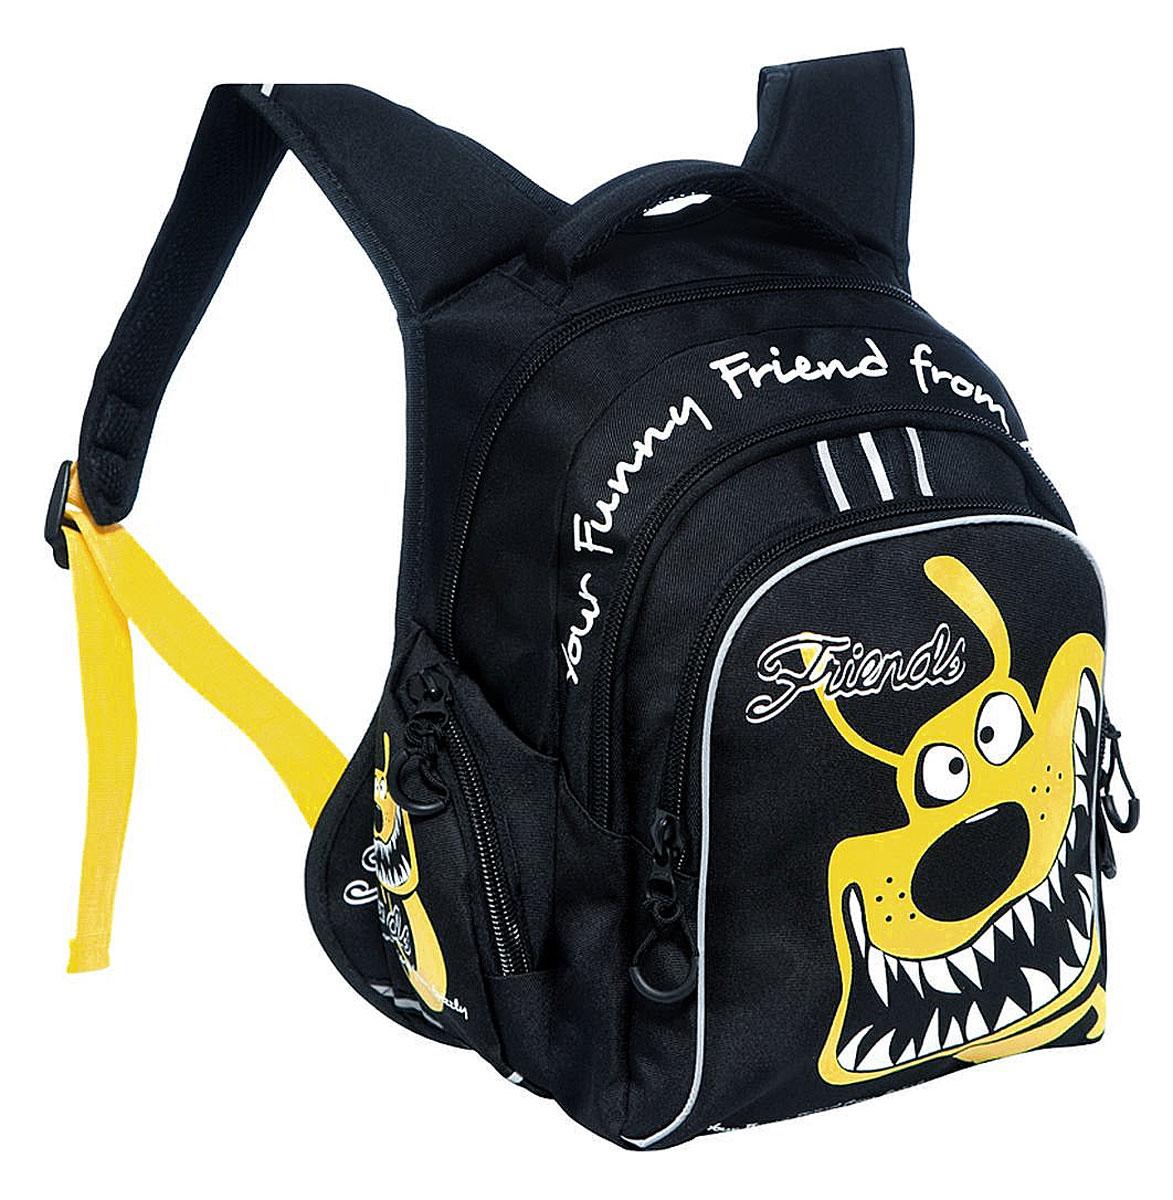 Grizzly Рюкзак детский цвет черный желтыйRB-629-1/4Школьный рюкзак Grizzly - это красивый и удобный рюкзак, который подойдет всем, кто хочет разнообразить свои школьные будни. Рюкзак выполнен из плотного материала и оформлен оригинальным ярким принтом. Рюкзак имеет два основных отделения на молнии. Большое отделение содержит внутри накладной карман на молнии. Второе отделение имеет внутри открытый накладной кармашек и четыре отделения для канцелярских принадлежностей. На лицевой стороне рюкзака имеется большой накладной карман на молнии. Бегунки застежки-молнии дополнены удобными держателями с логотипом Grizzly. По бокам рюкзак дополнен открытыми накладными карманами на резинках. Рюкзак также оснащен удобной ручкой для переноски и светоотражающими элементами. Широкие регулируемые лямки и сетчатые мягкие вставки на спинке рюкзака предохранят мышцы спины ребенка от перенапряжения при длительном ношении. Многофункциональный школьный рюкзак станет незаменимым спутником вашего ребенка в походах за знаниями.